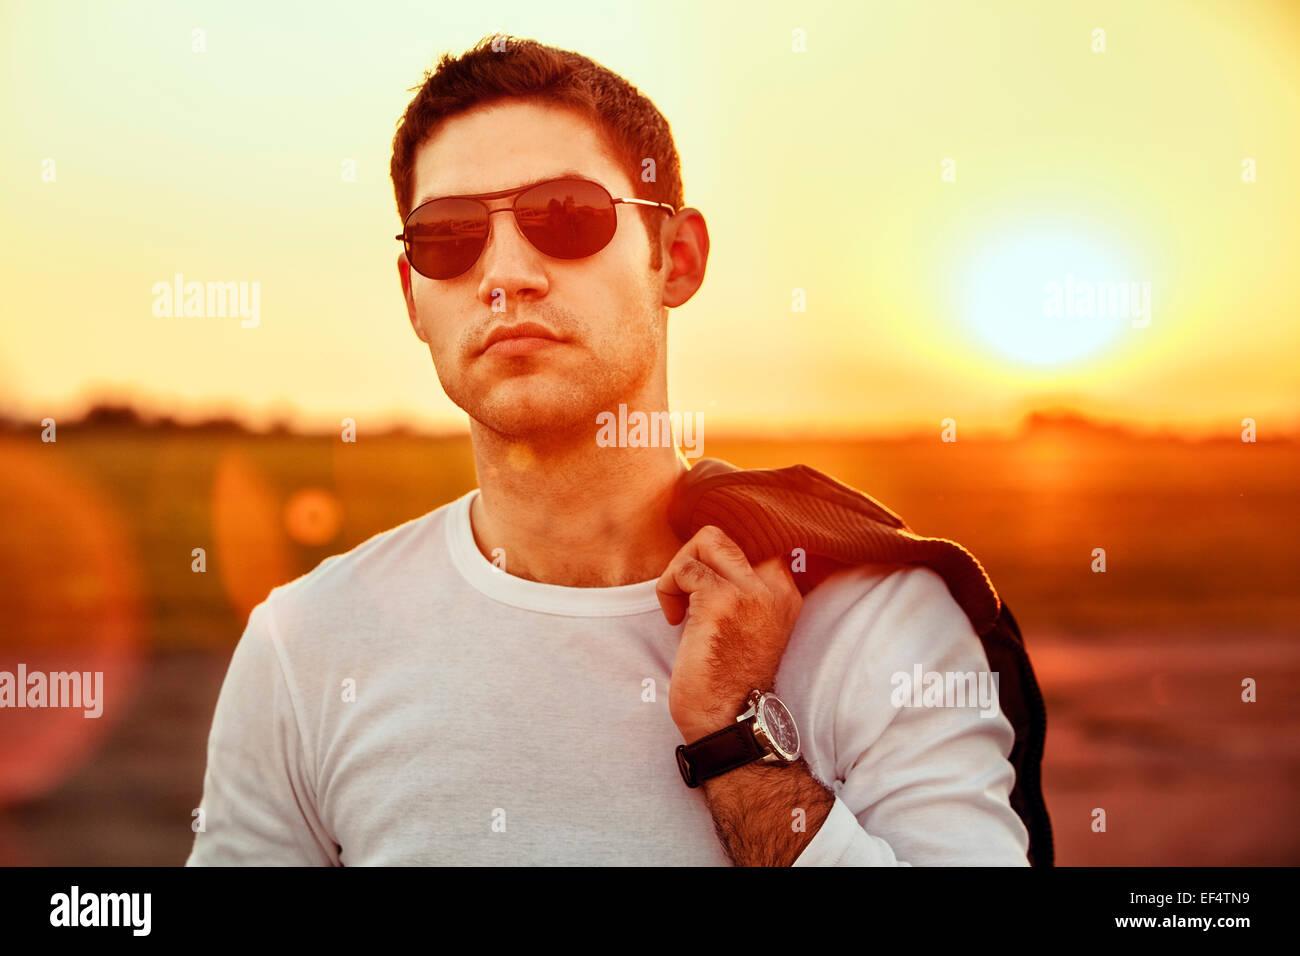 Portrait de jeune homme avec des lunettes de soleil au coucher du soleil Photo Stock